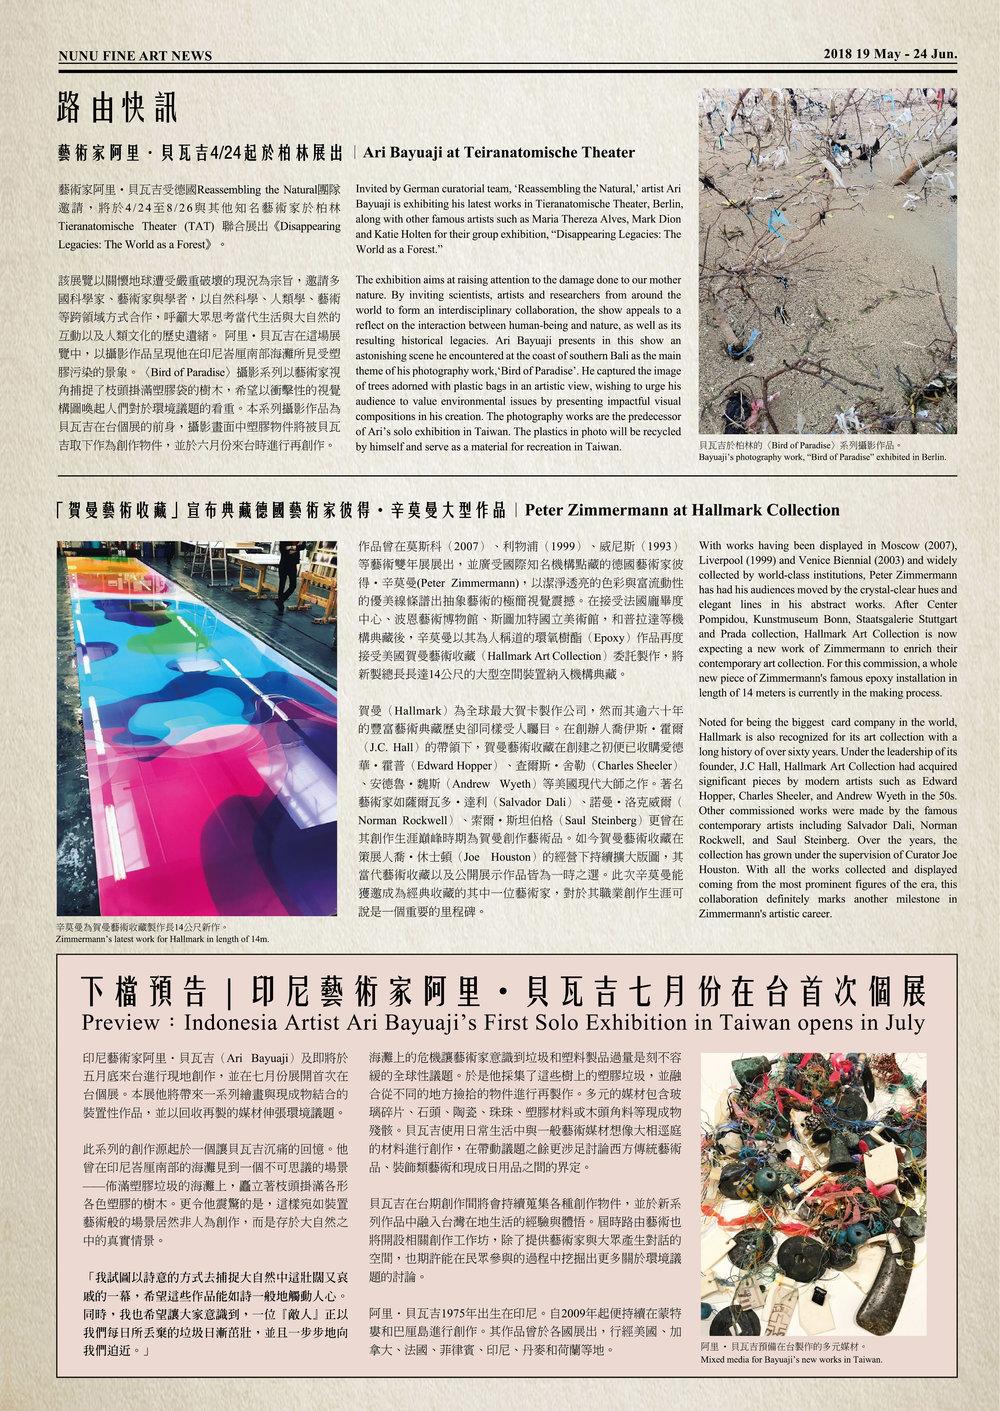 吳怡蒨 newspaper p4.jpg